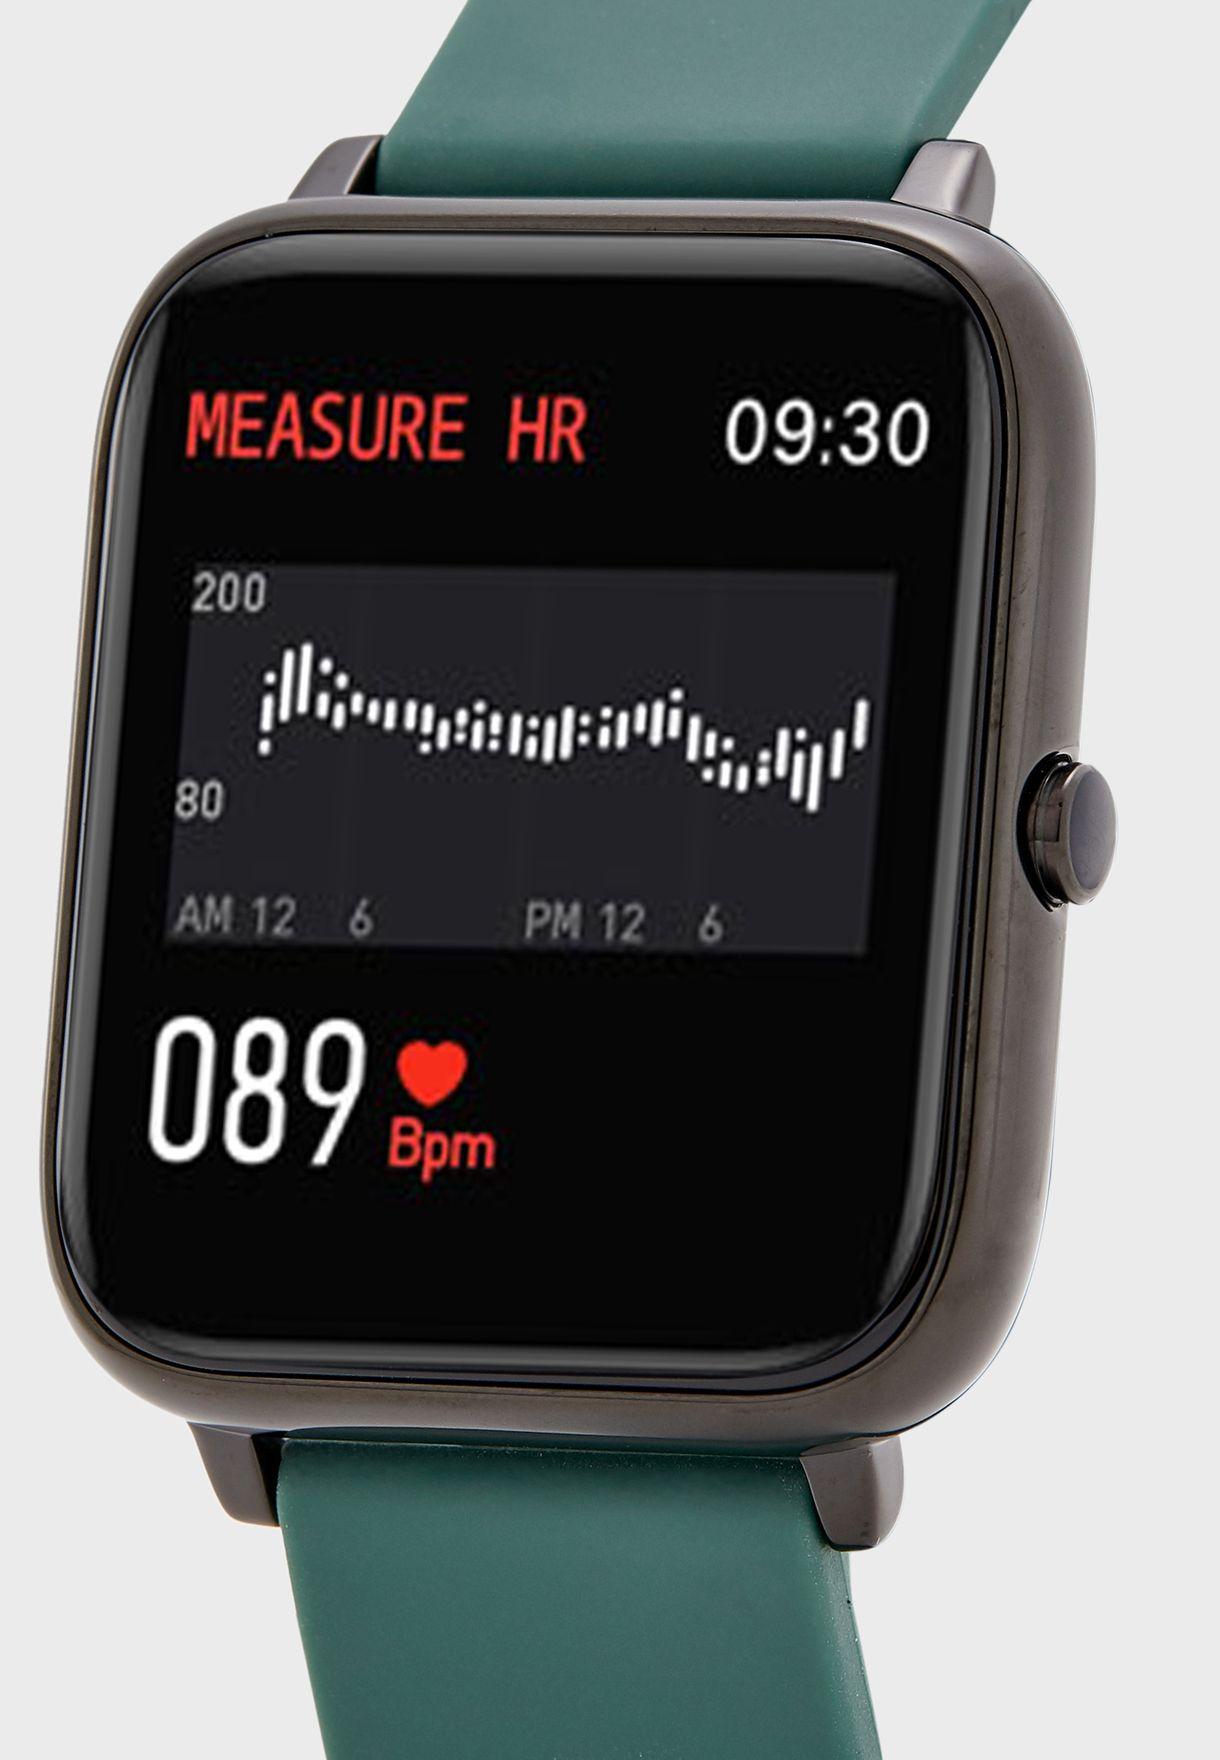 ساعة ذكية مع معدل ضربات القلب وشاشة كبيرة